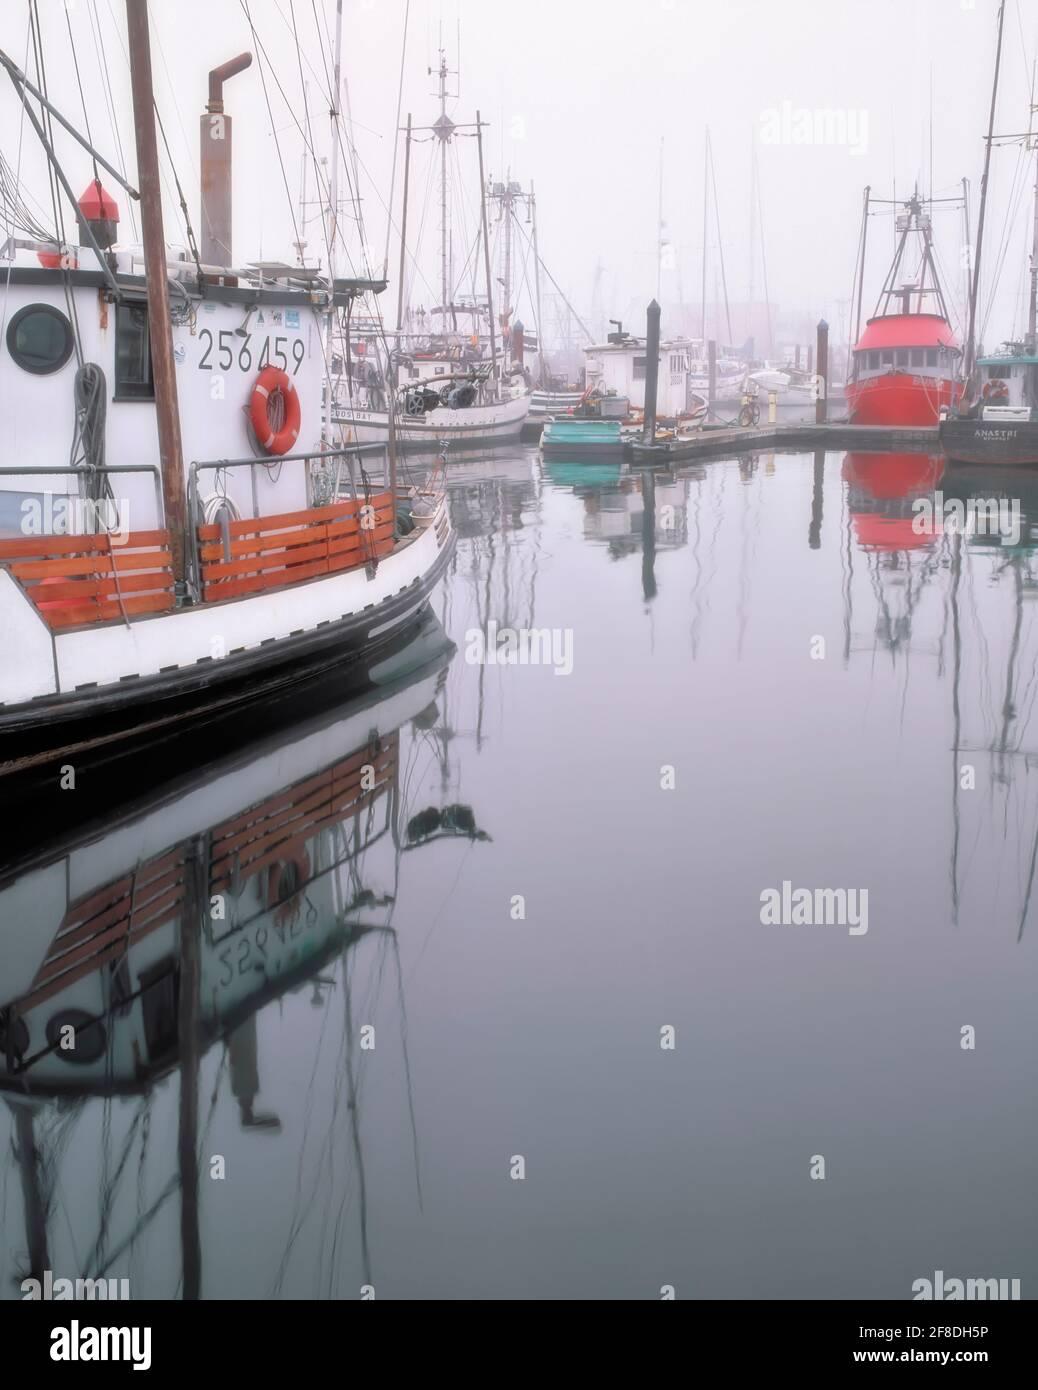 La levée du brouillard matinal révèle la flotte de pêche commerciale à Charleston Harbour, sur la côte sud de l'Oregon, près de Coos Bay. Banque D'Images